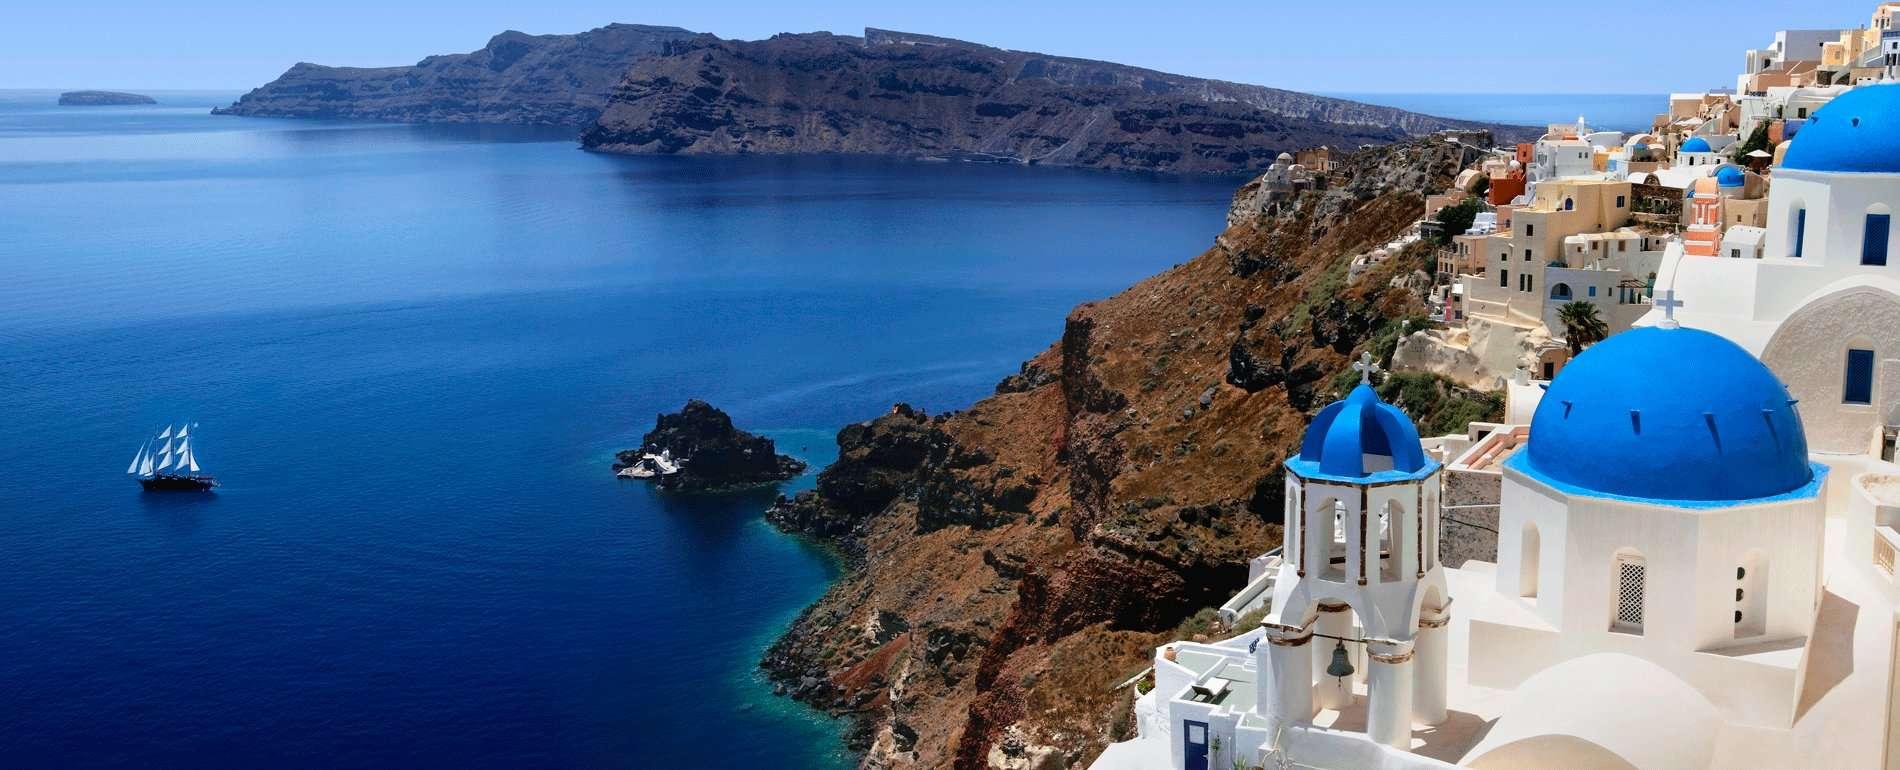 Atrévete a Viajar a Grecia